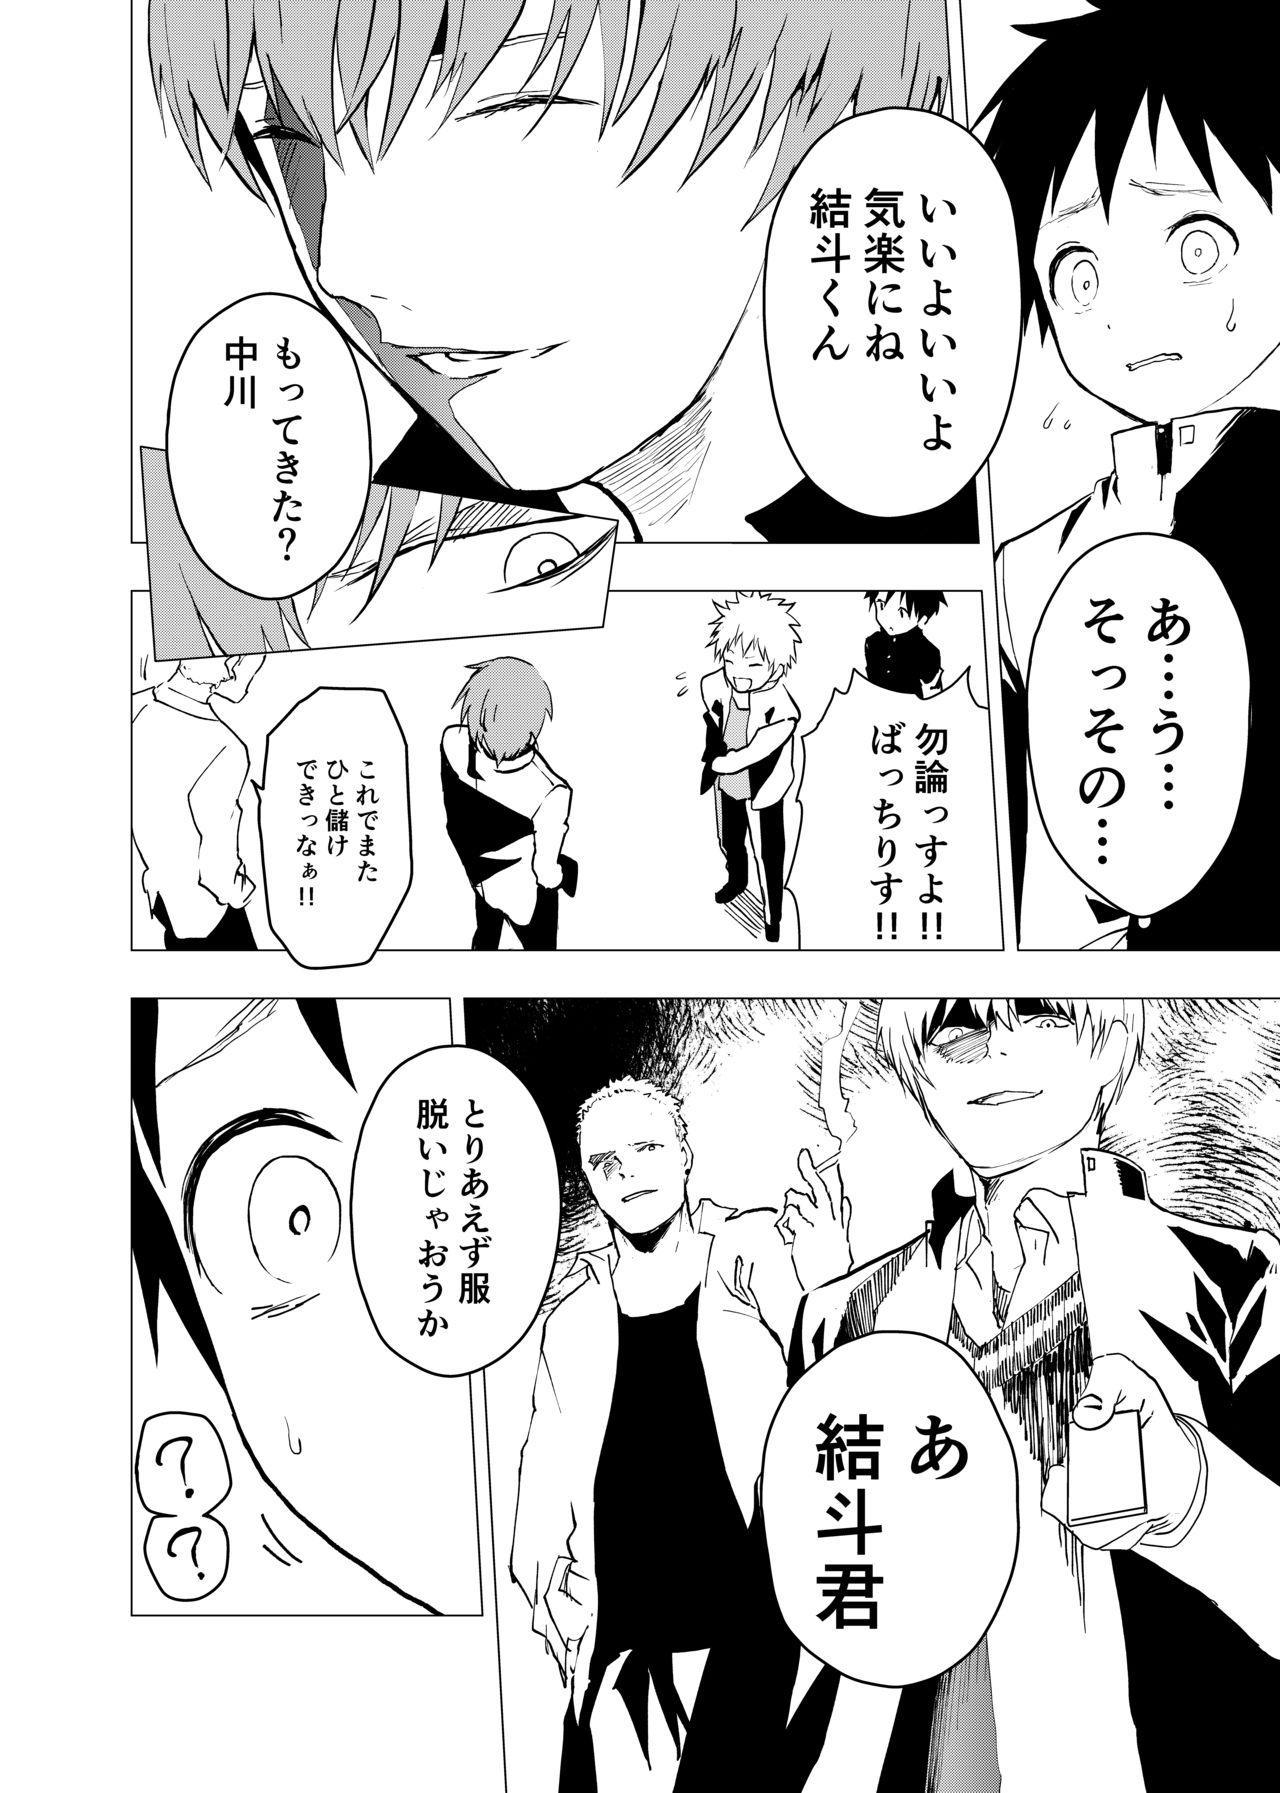 Ibasho ga Nainode Kami-machi Shite Mita Suterareta Shounen no Eromanga 17